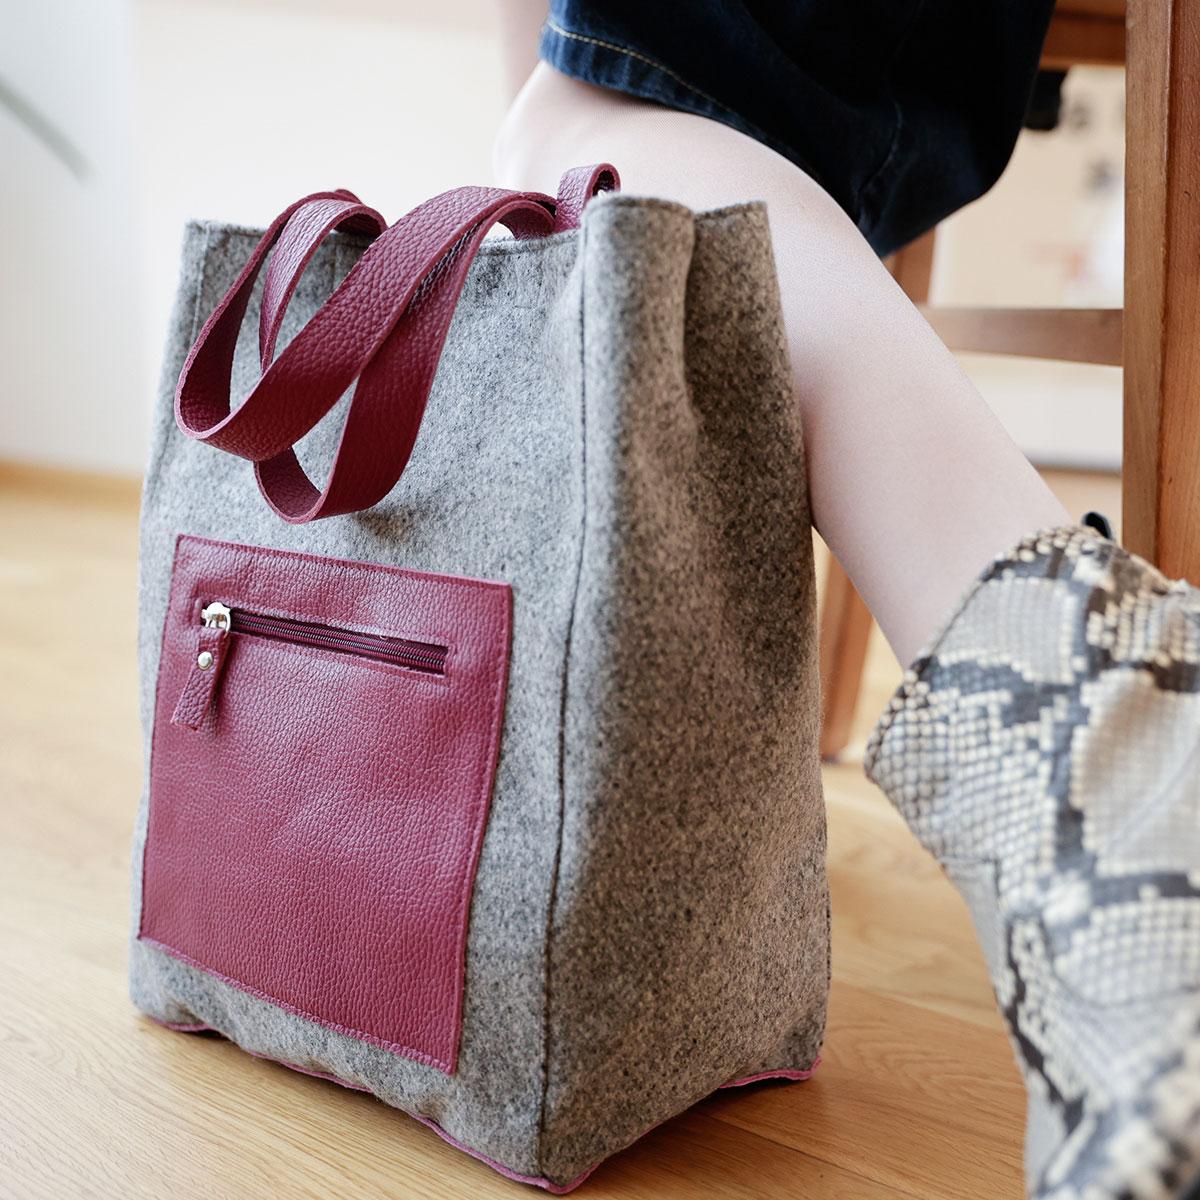 Shopper aus Stoff, Damenhandtasche leicht, Umhängetasche für Frauen, Tasche aus Loden, Stofftasche, Lässiger Shopper für Damen